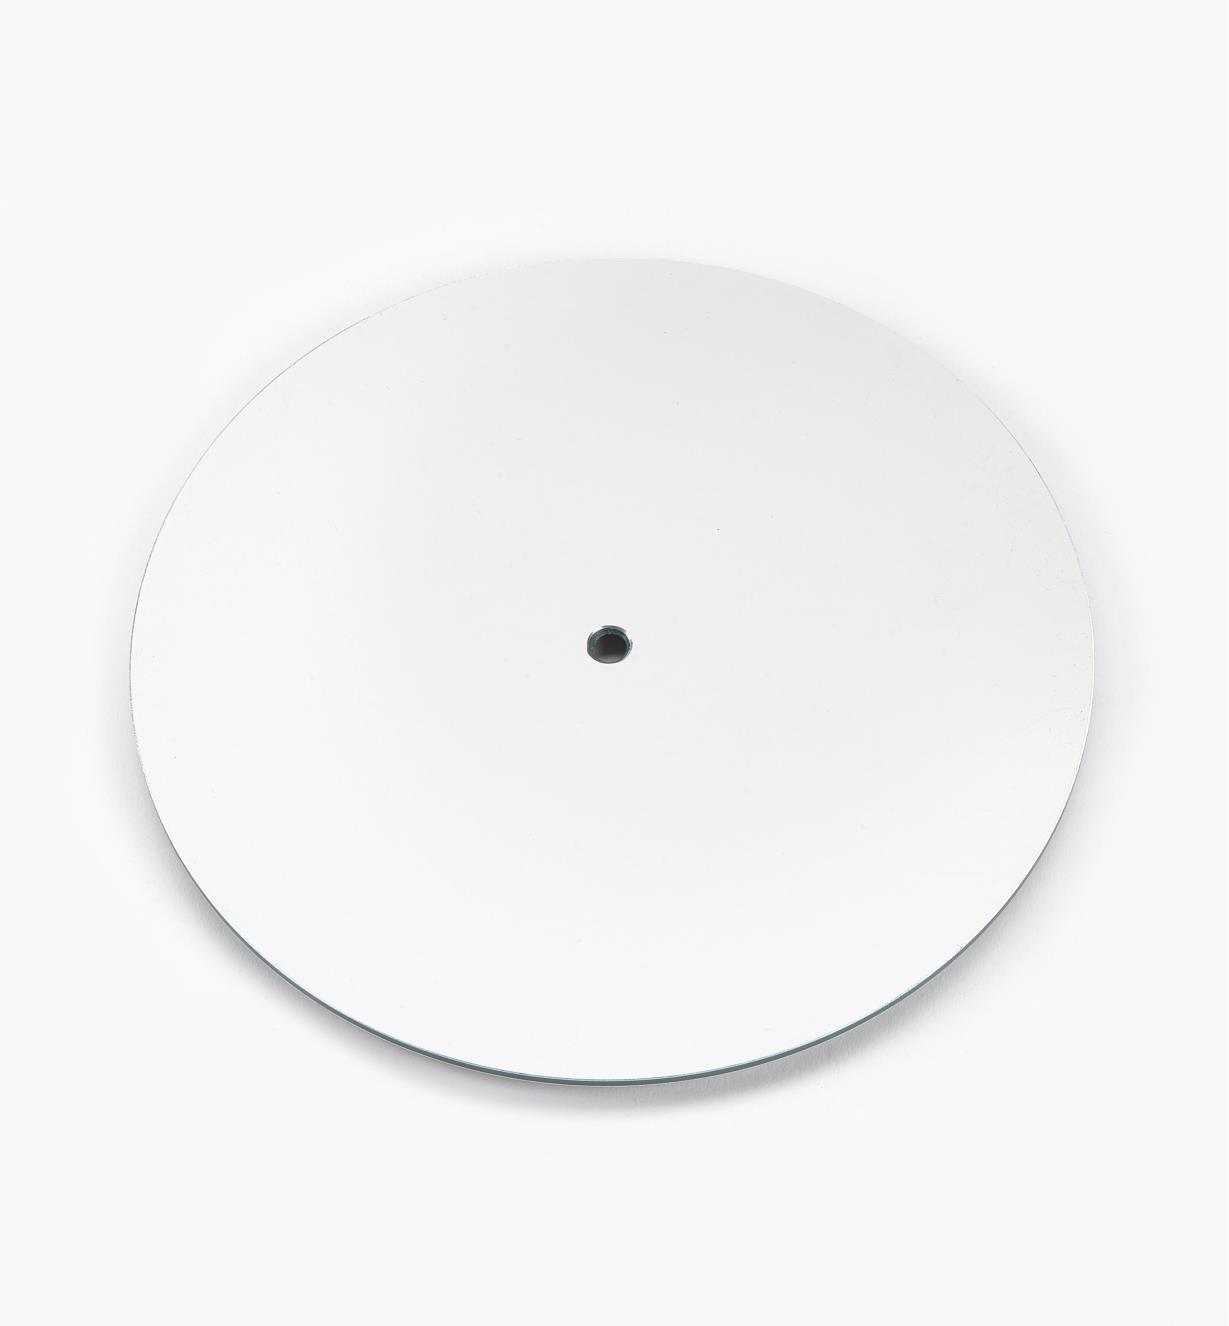 05M3010 - Extra 3mm Platter